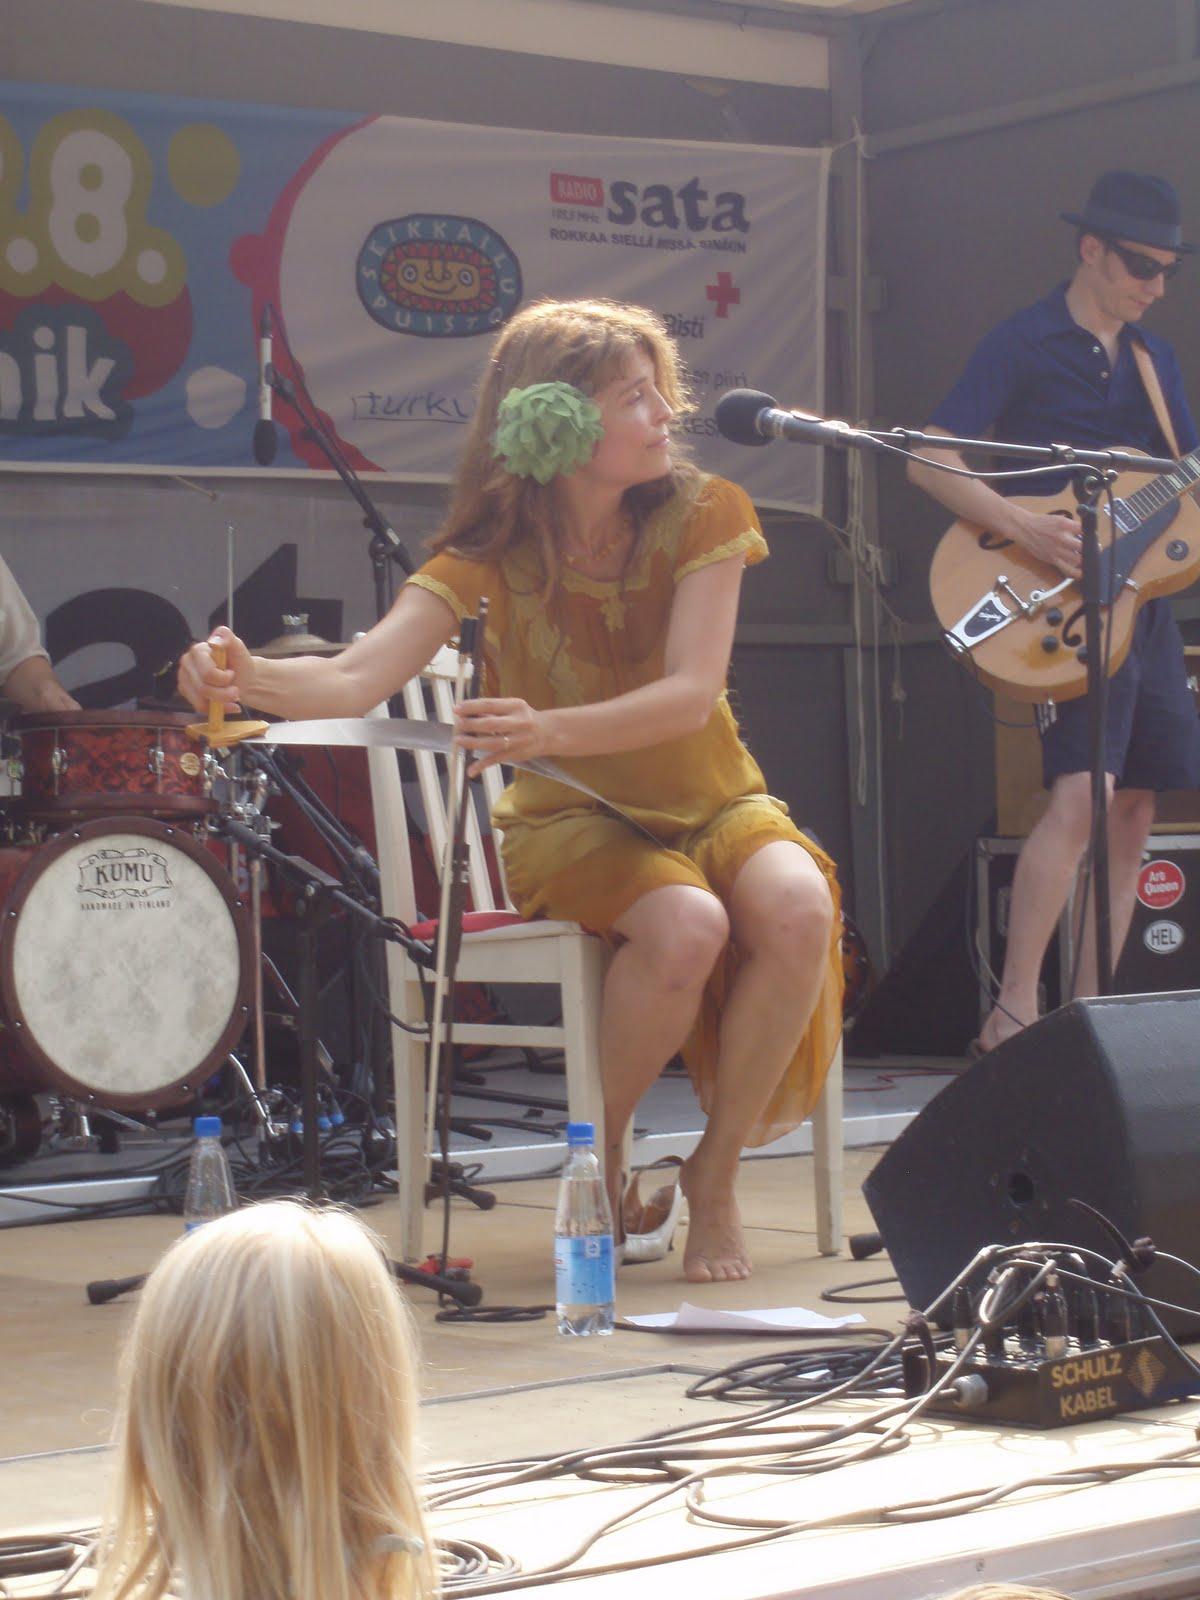 http://pics.wikifeet.com/Irina-Bj%C3%B6rklund-Feet-693246.jpg